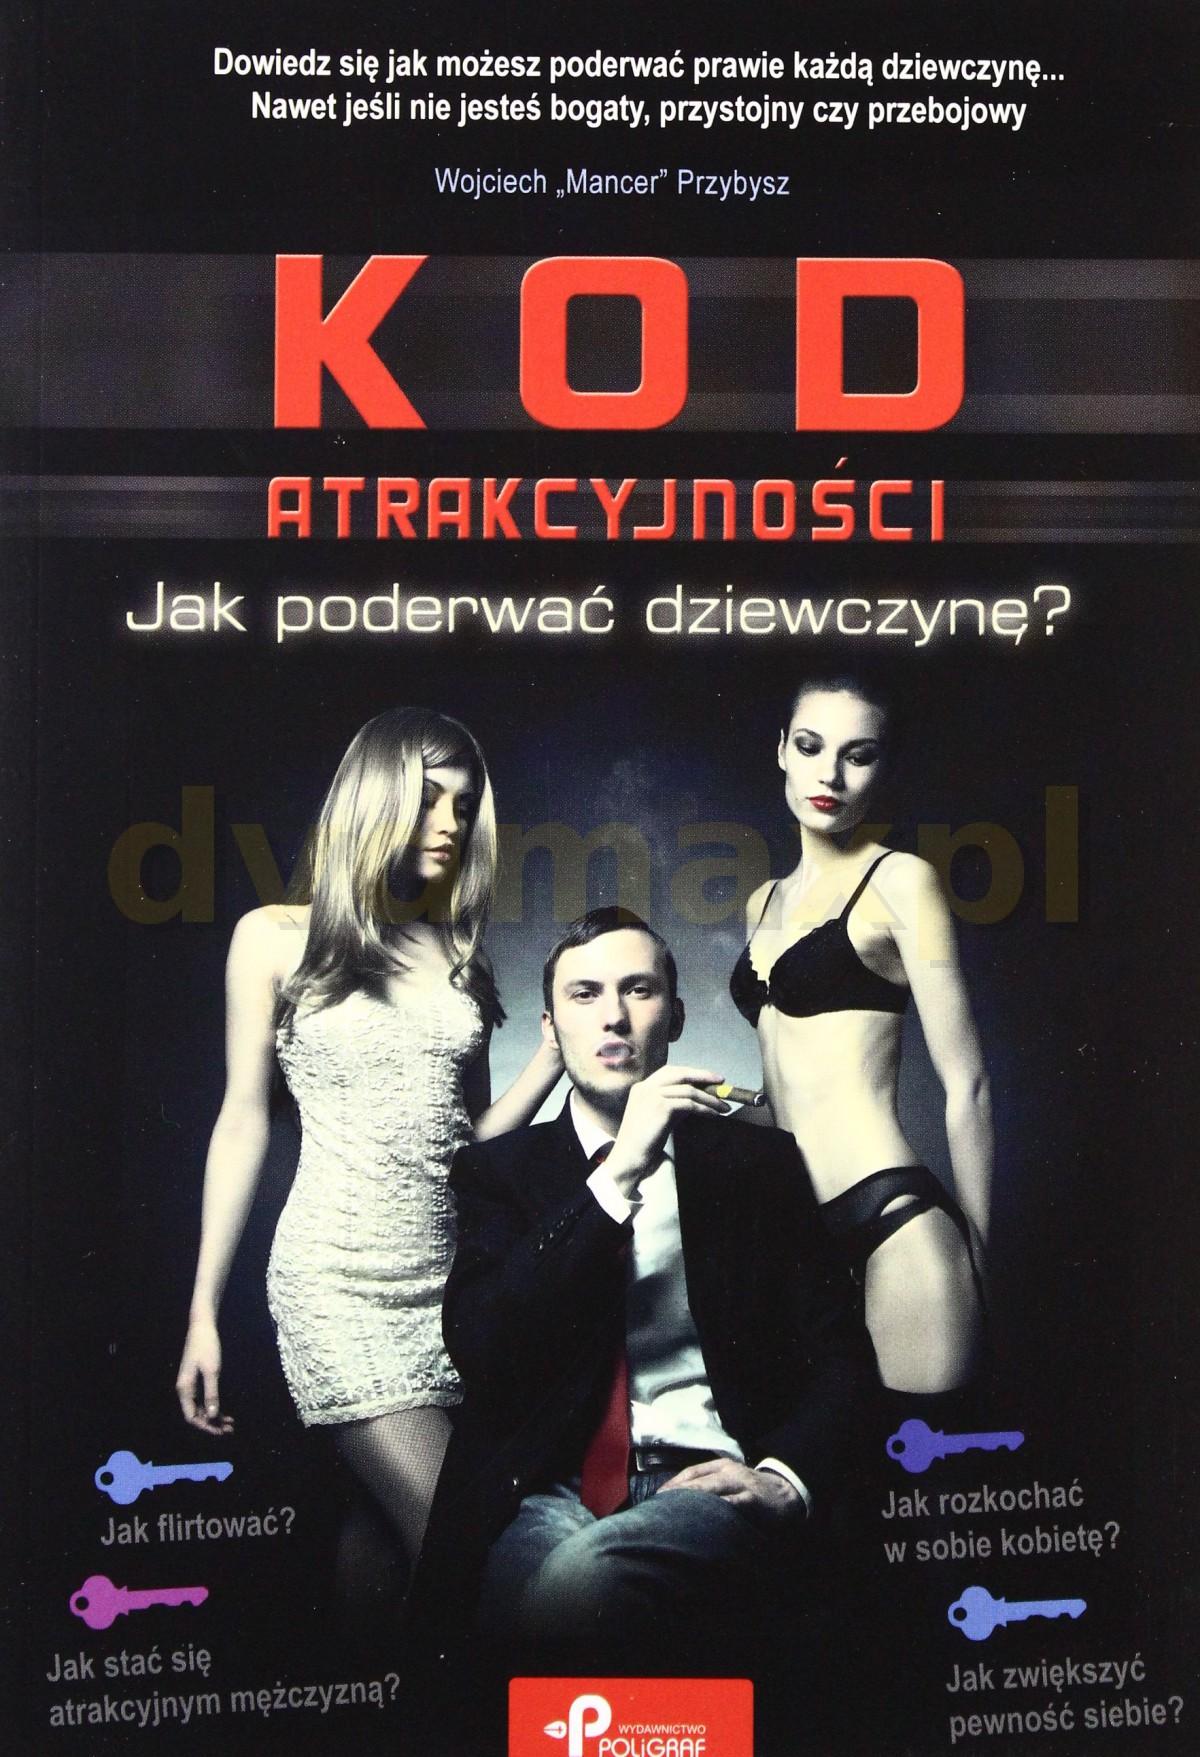 Kod atrakcyjności. Jak poderwać dziewczynę? - Wojciech